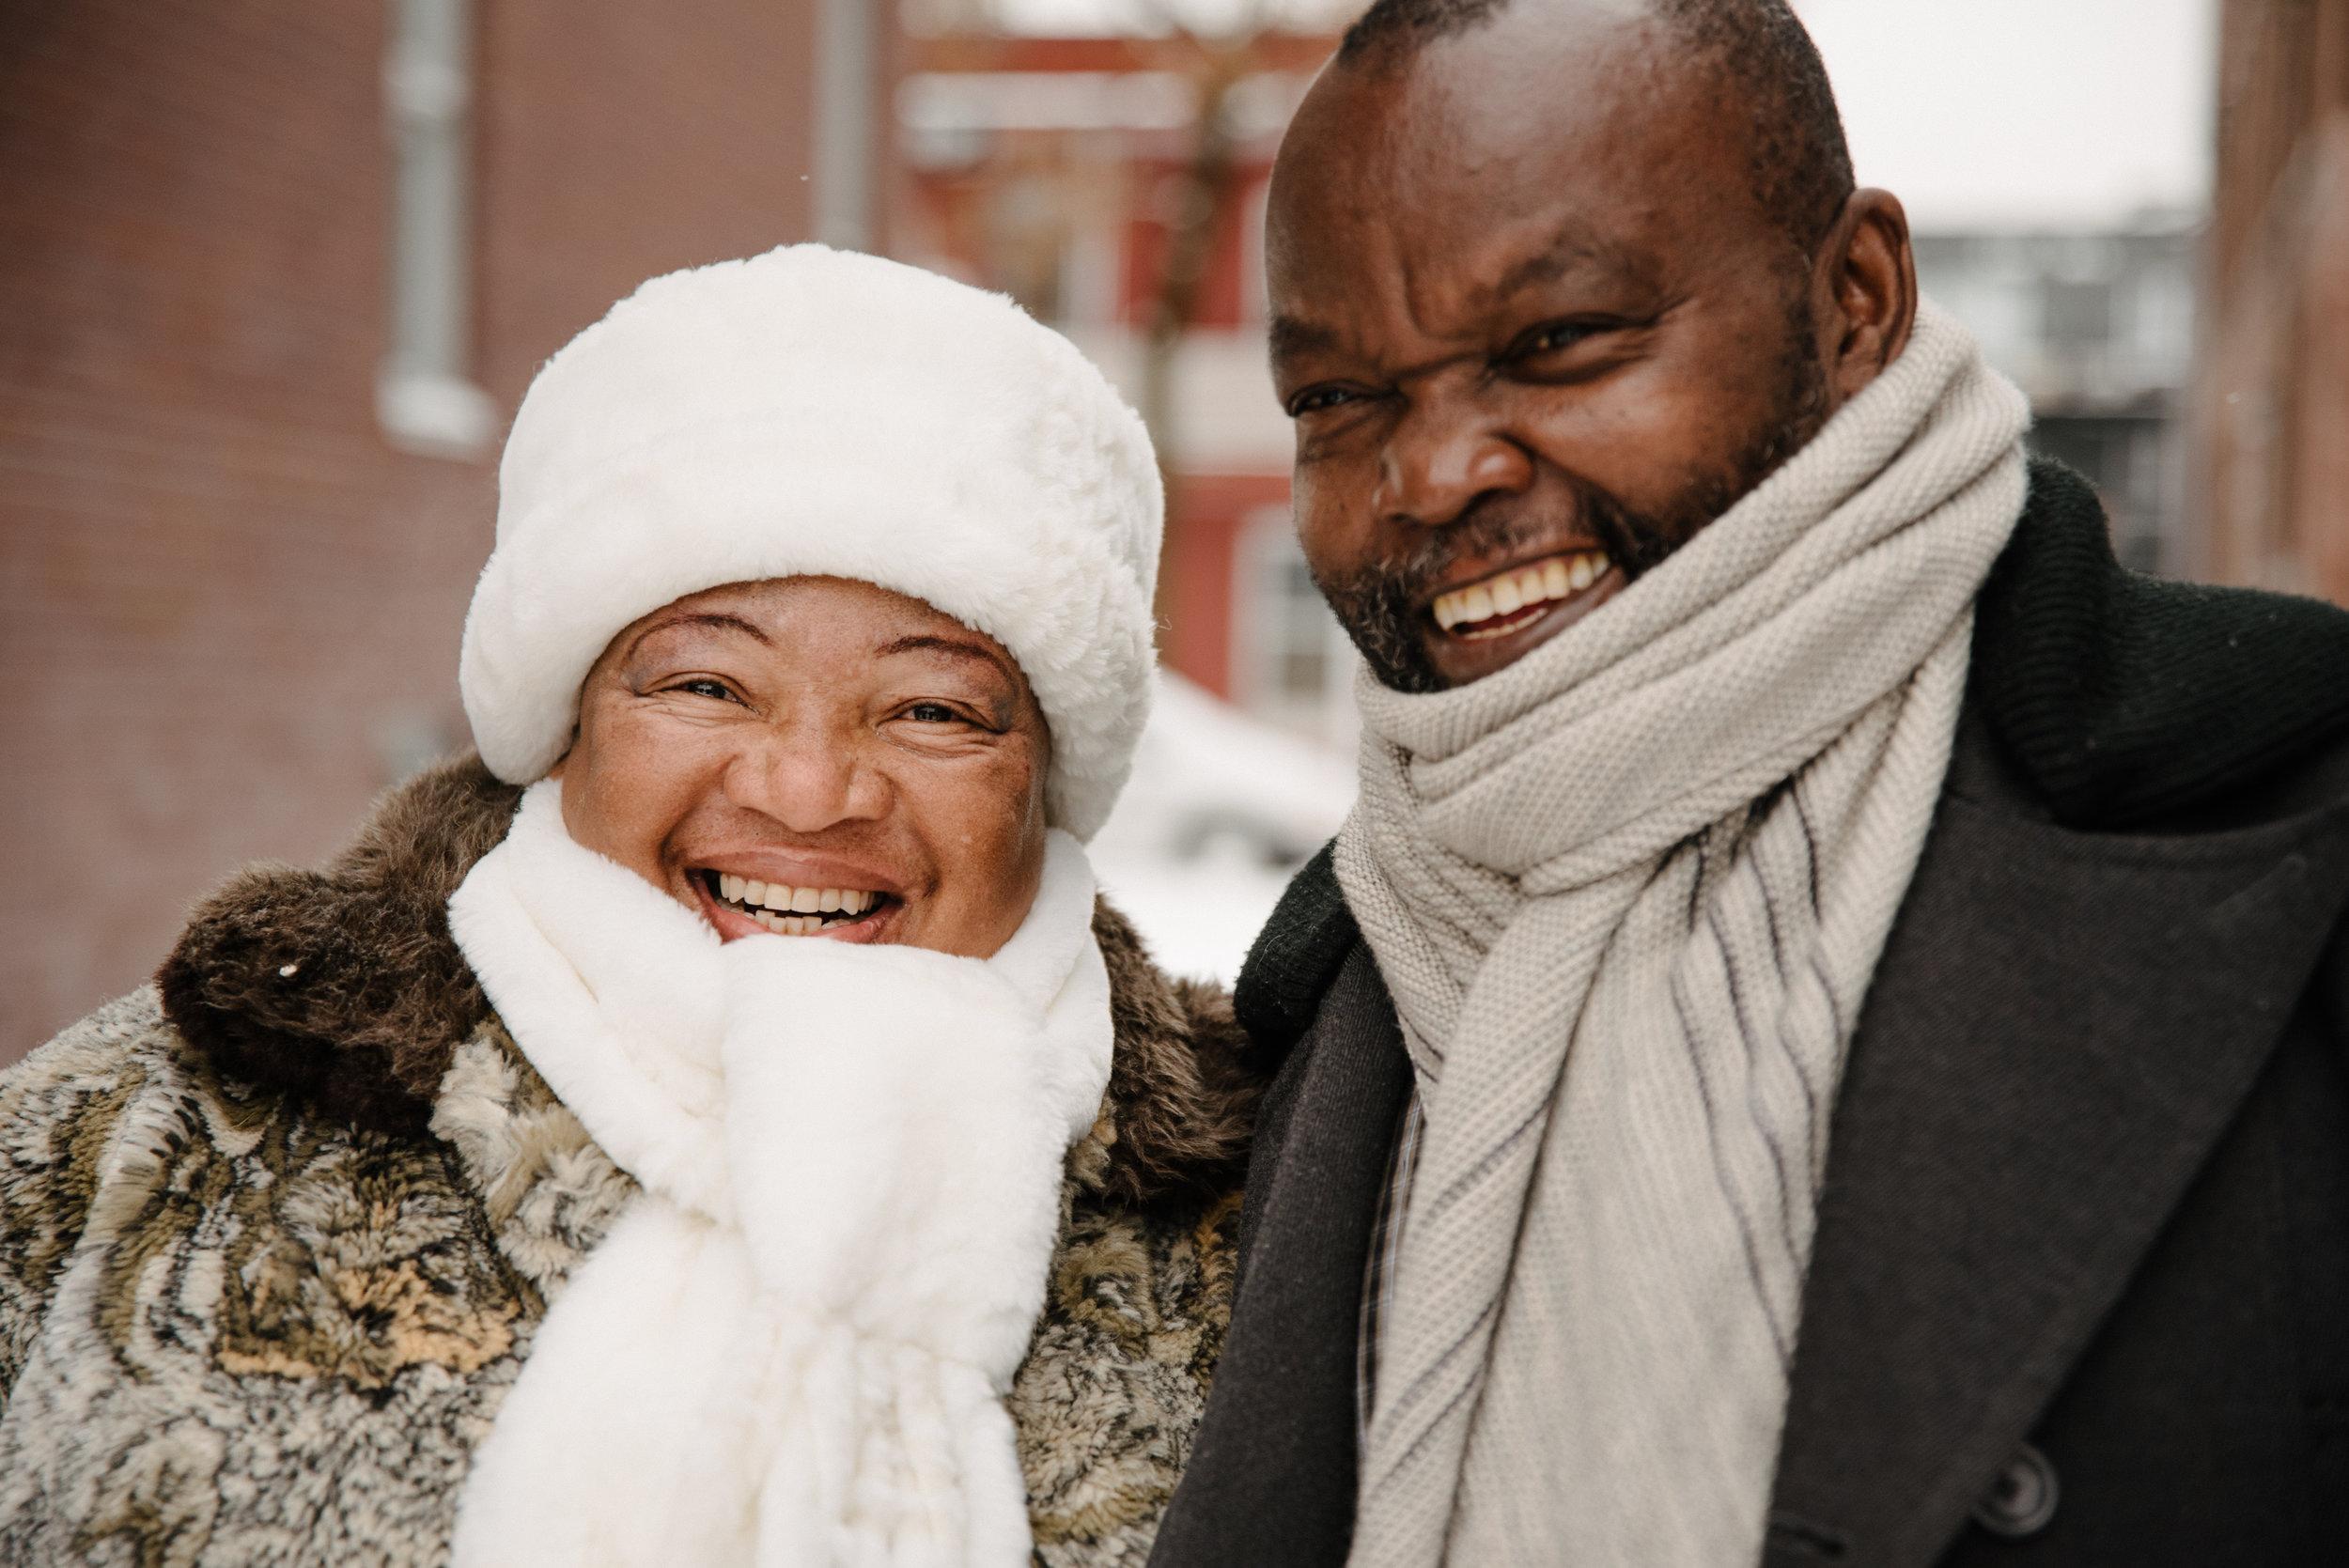 photo-de-famille-qui-joue-dans-la-neige-ruelle-montrealaise-photographe-de-famille-a-montreal-marianne-charland-1570.jpg